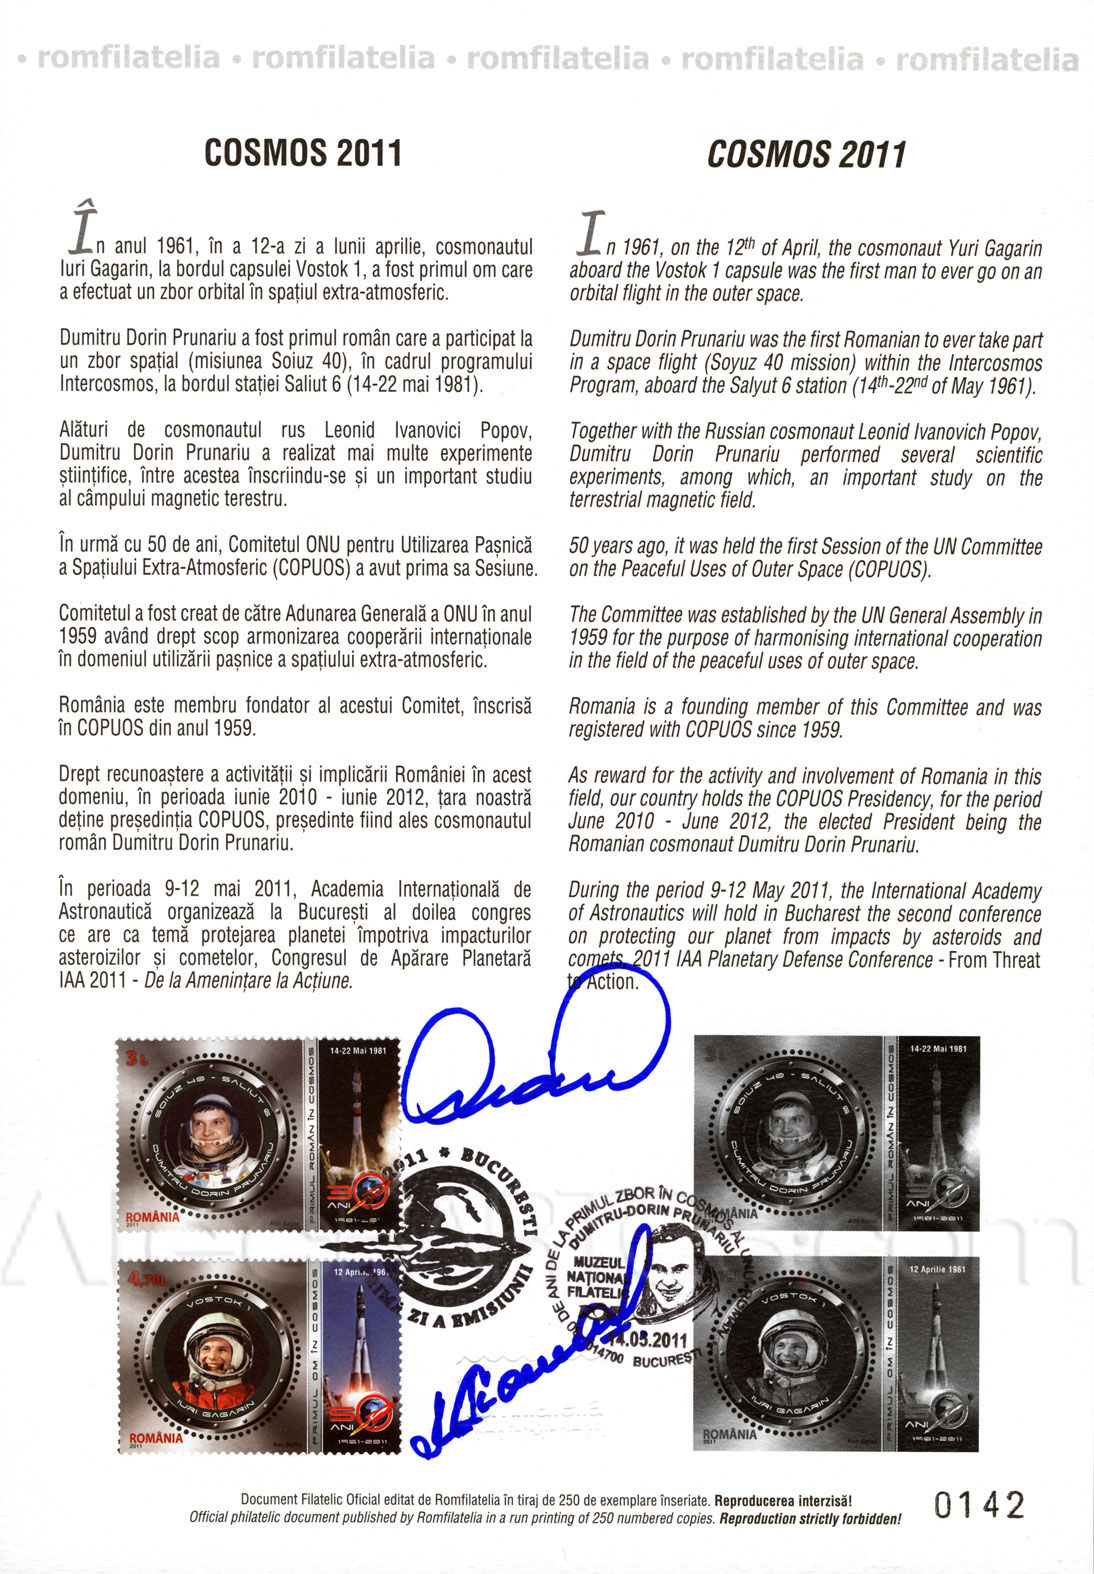 cosmos_2011_philatelic_docu